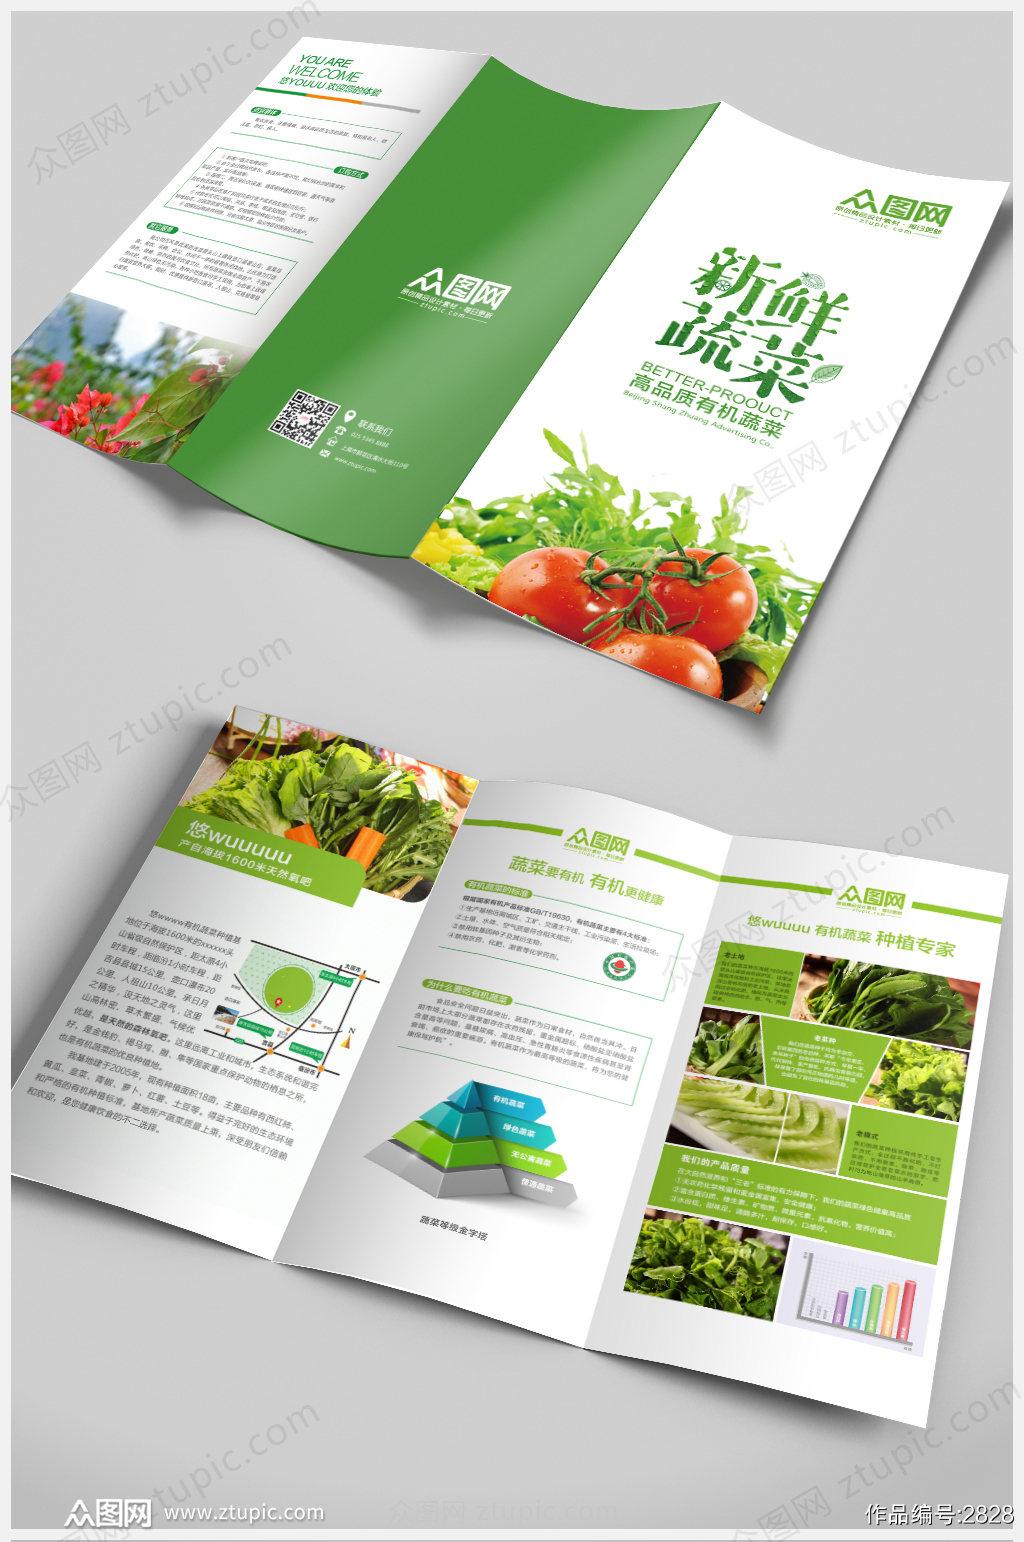 绿色蔬菜水果环保设计三折页素材